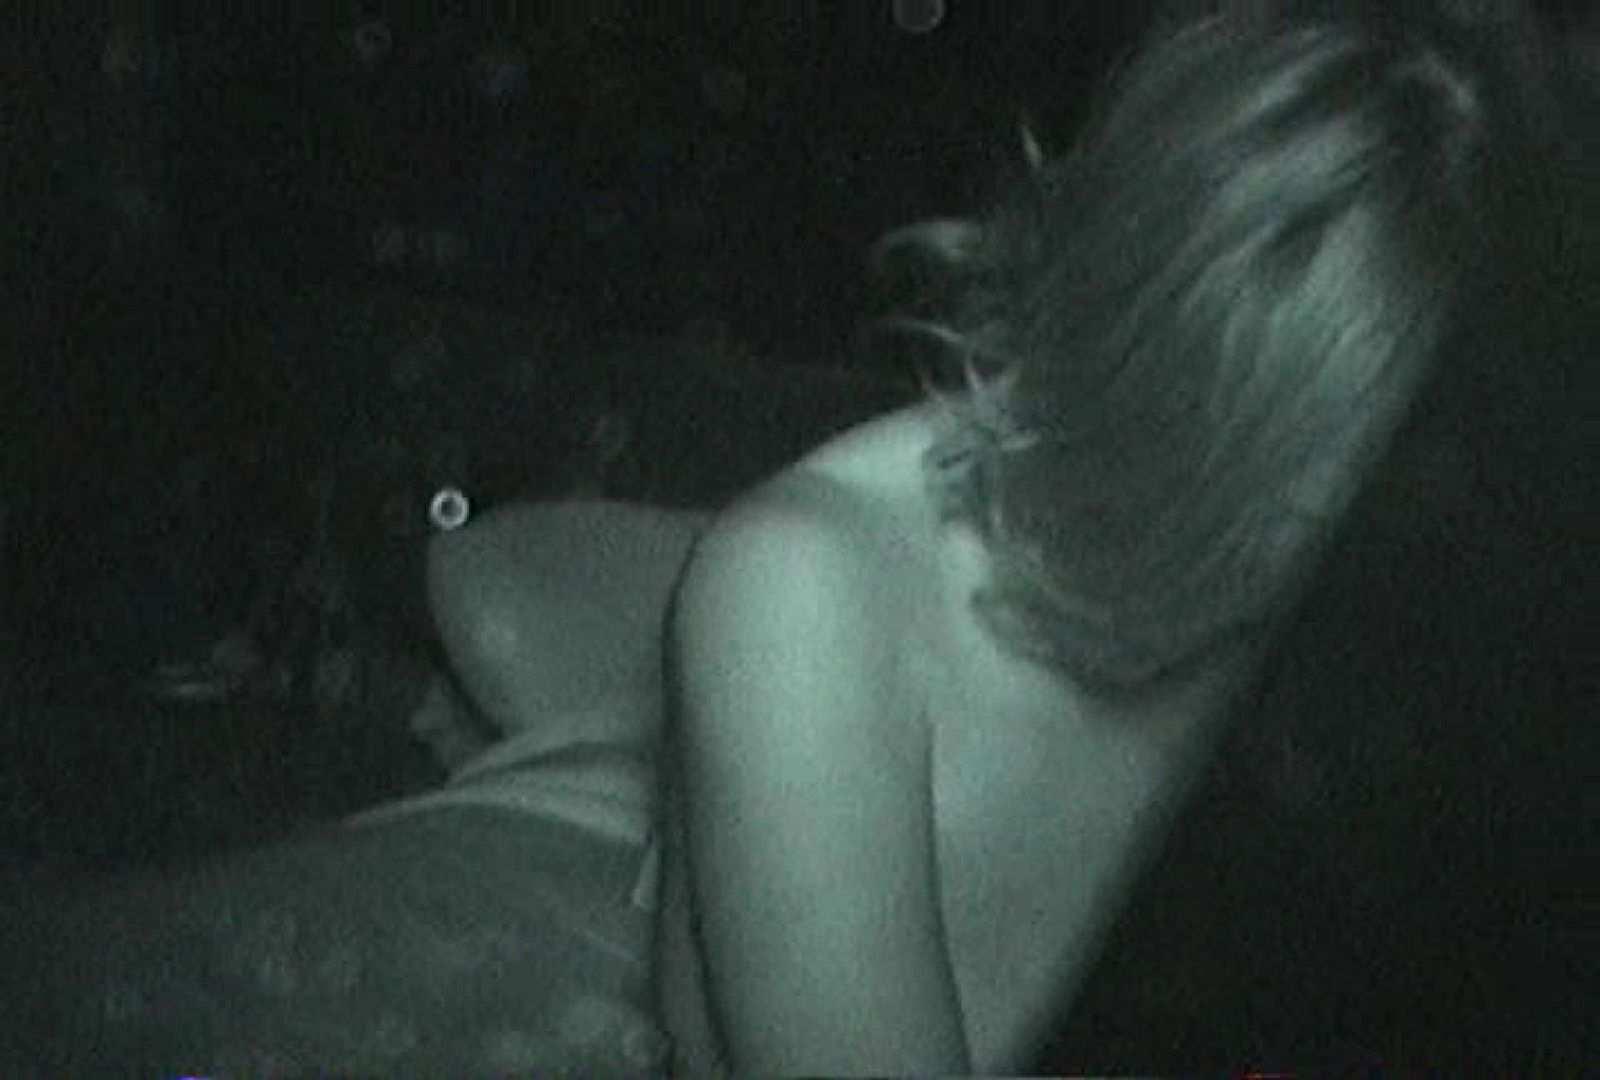 充血監督の深夜の運動会Vol.50 美しいOLの裸体 オメコ無修正動画無料 80pic 77